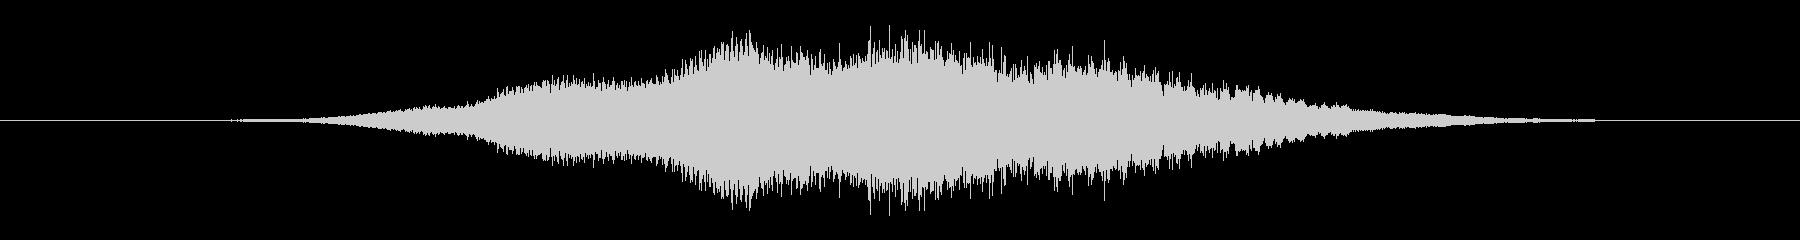 特撮 ホログラム表示03の未再生の波形